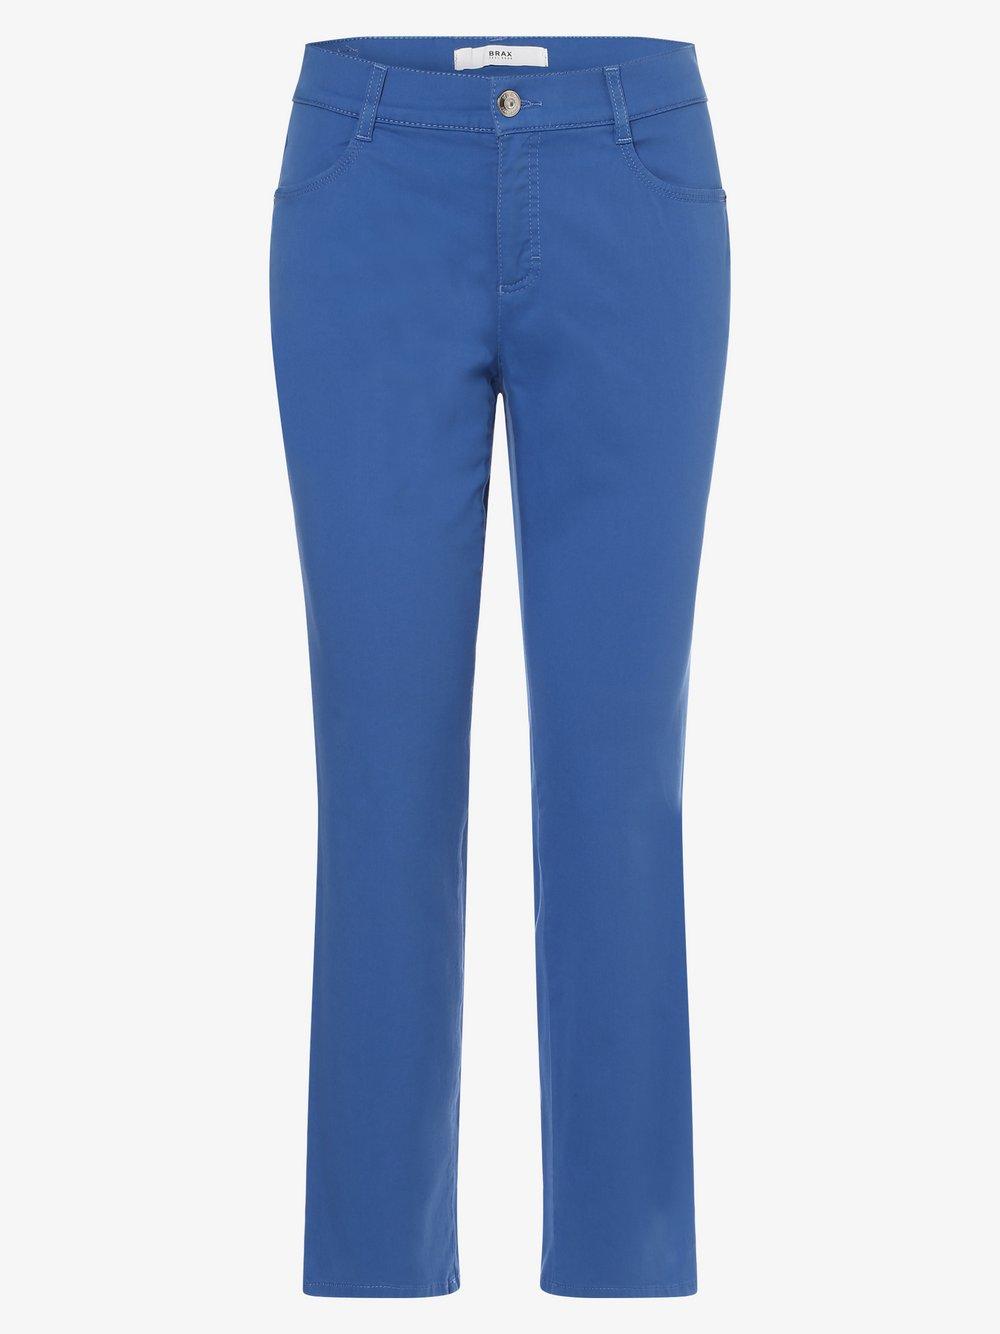 BRAX - Spodnie damskie – Siri, niebieski